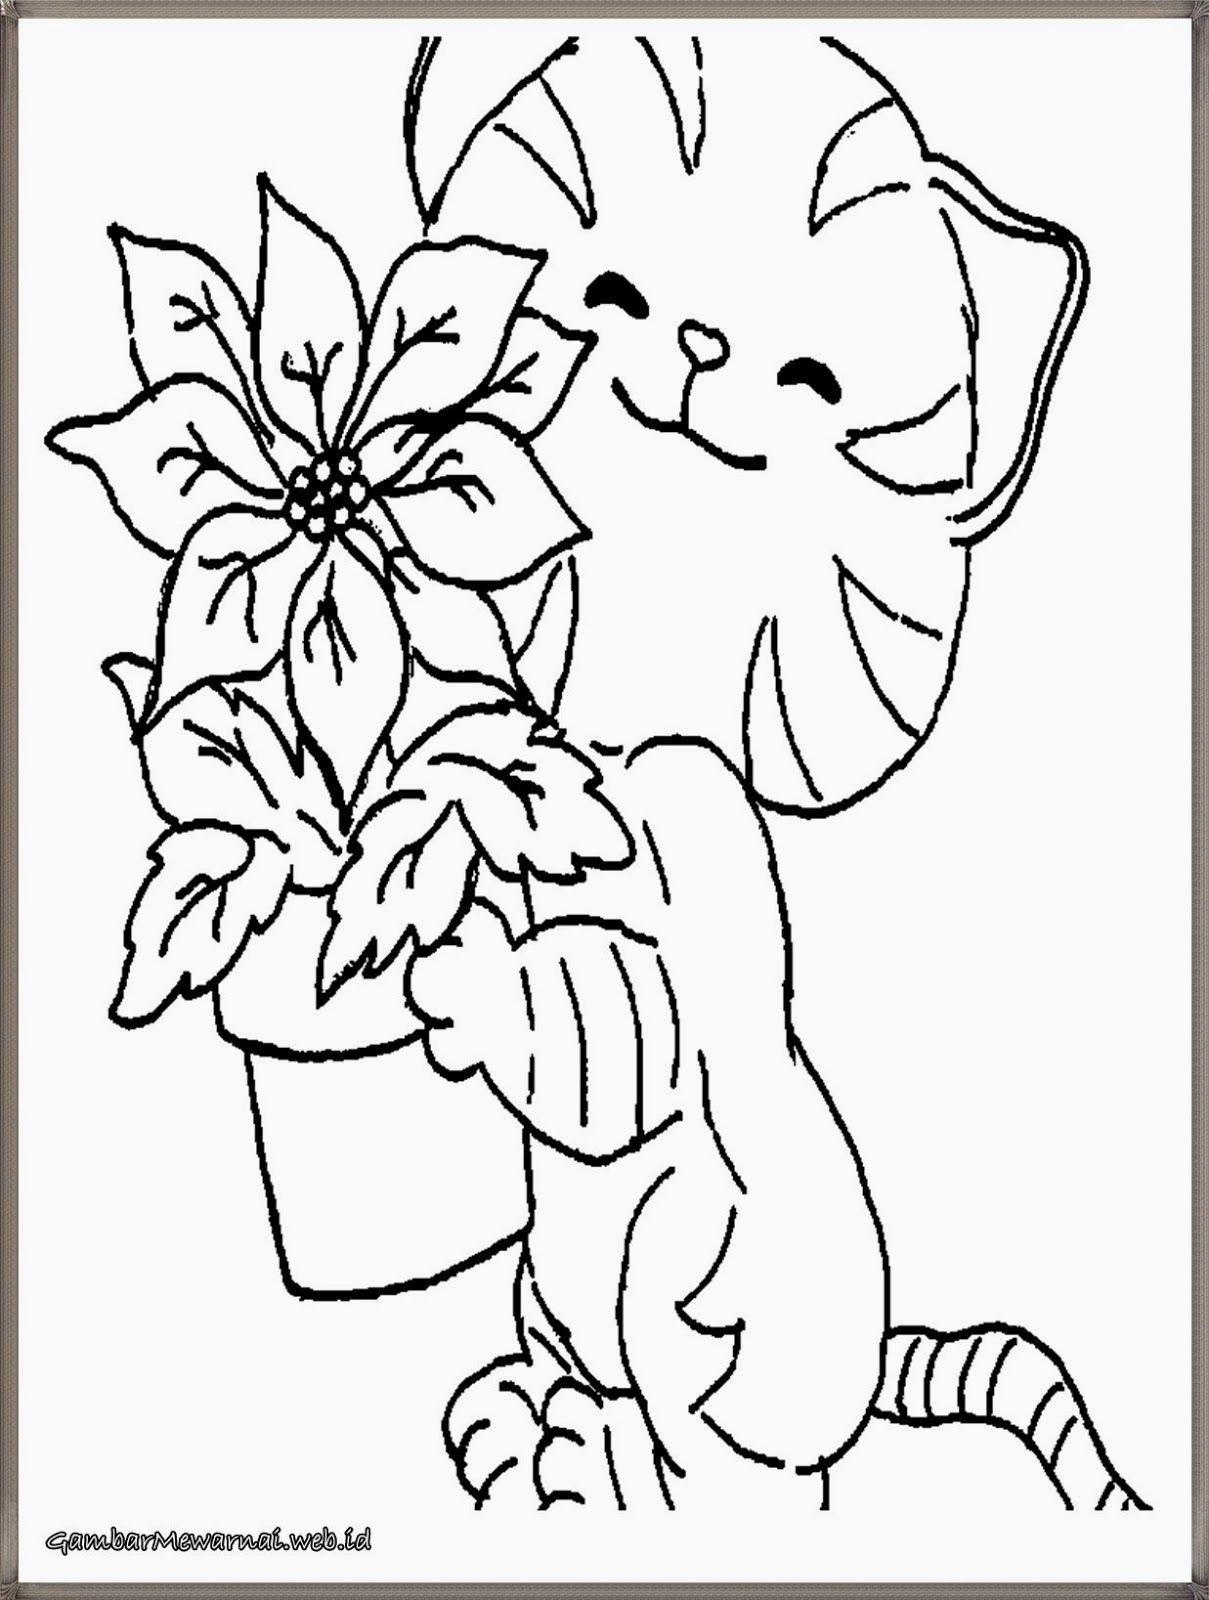 Gambar Bintang Kucing Hitam Putih Untuk Diwarnai Gambar